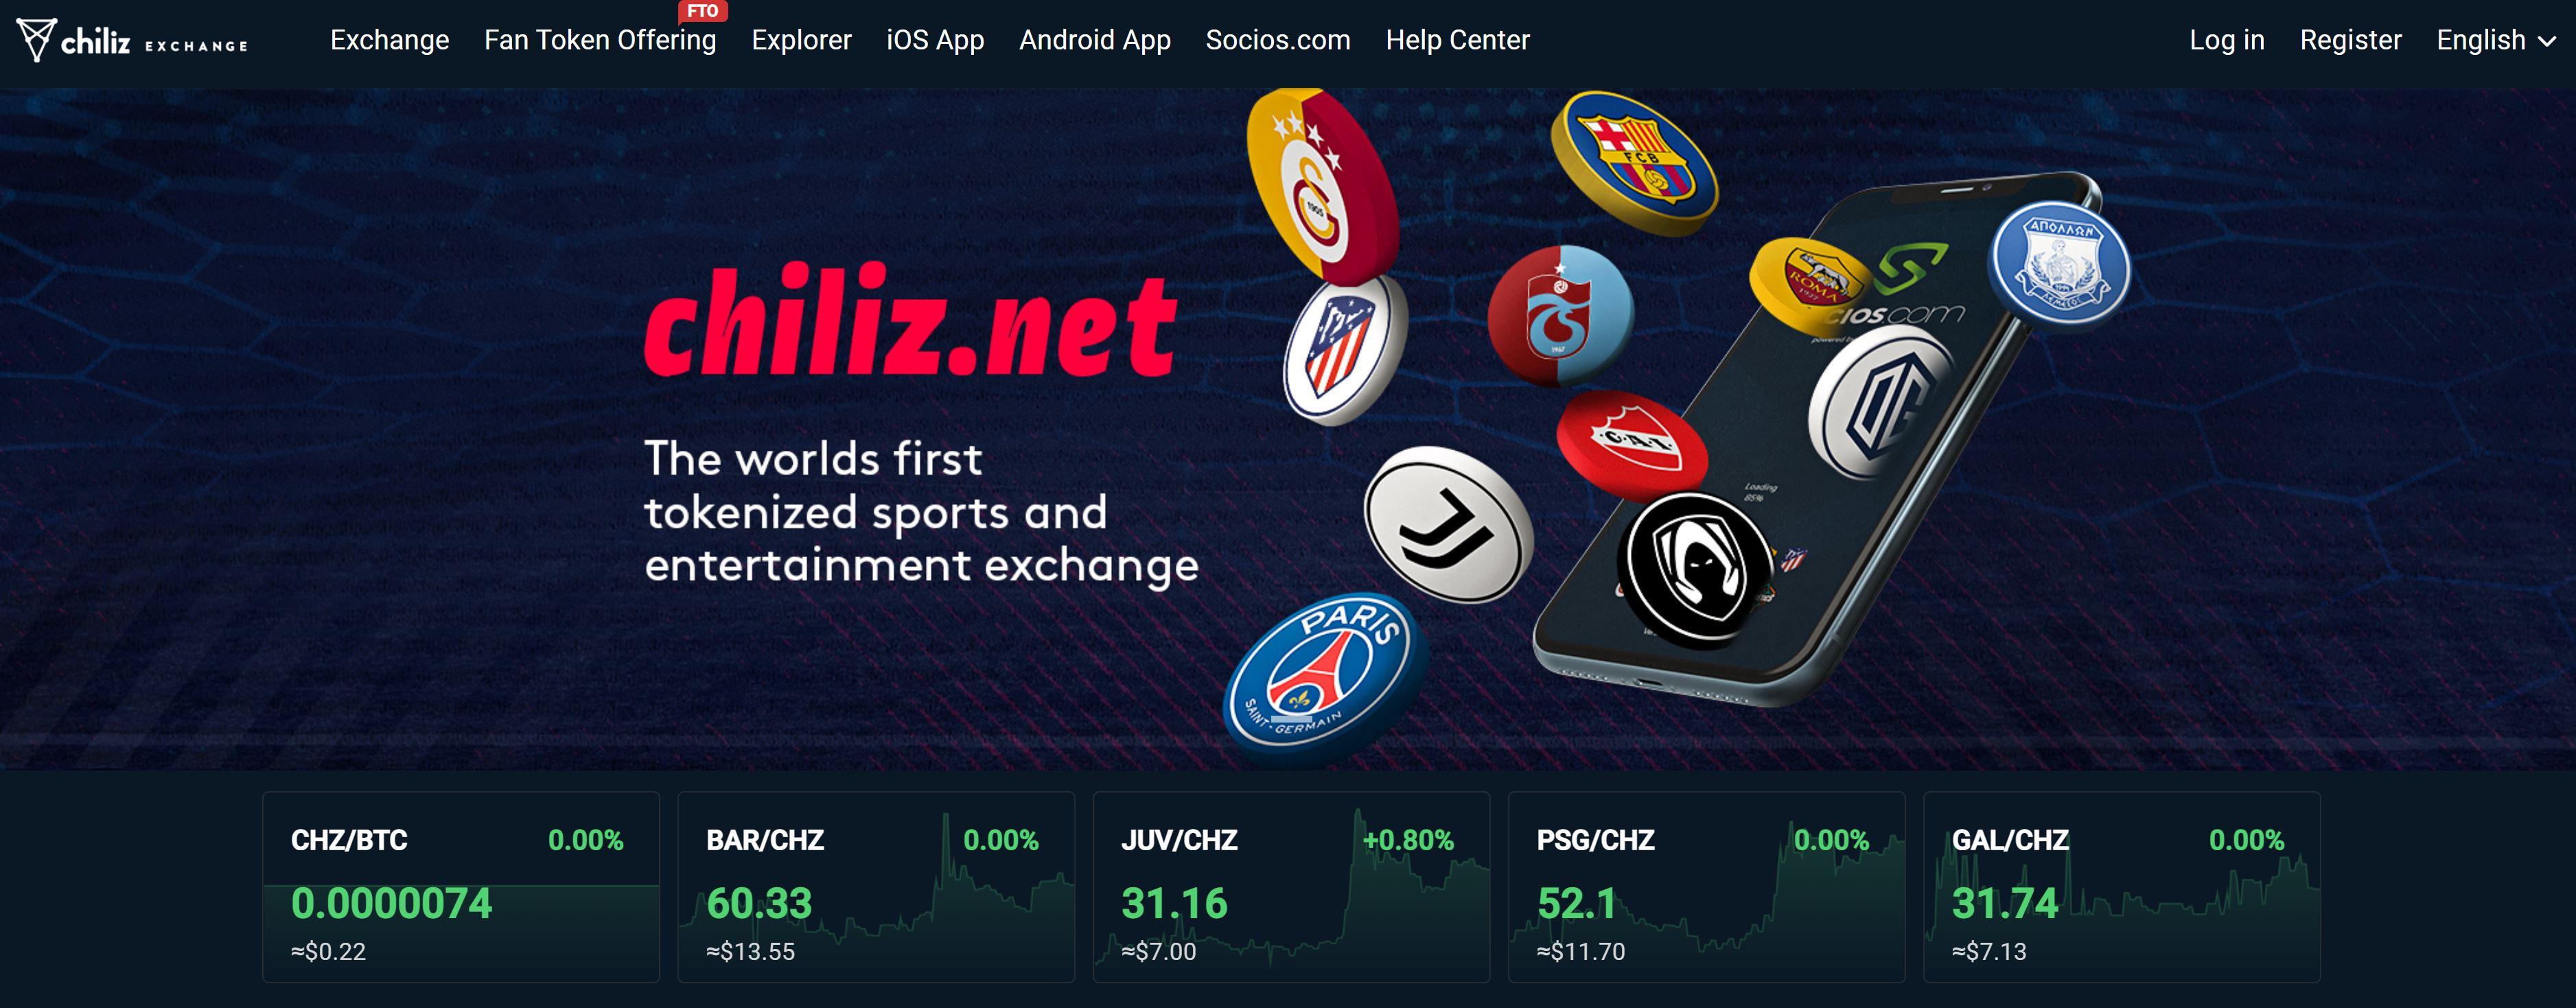 Chiliz Exchange website